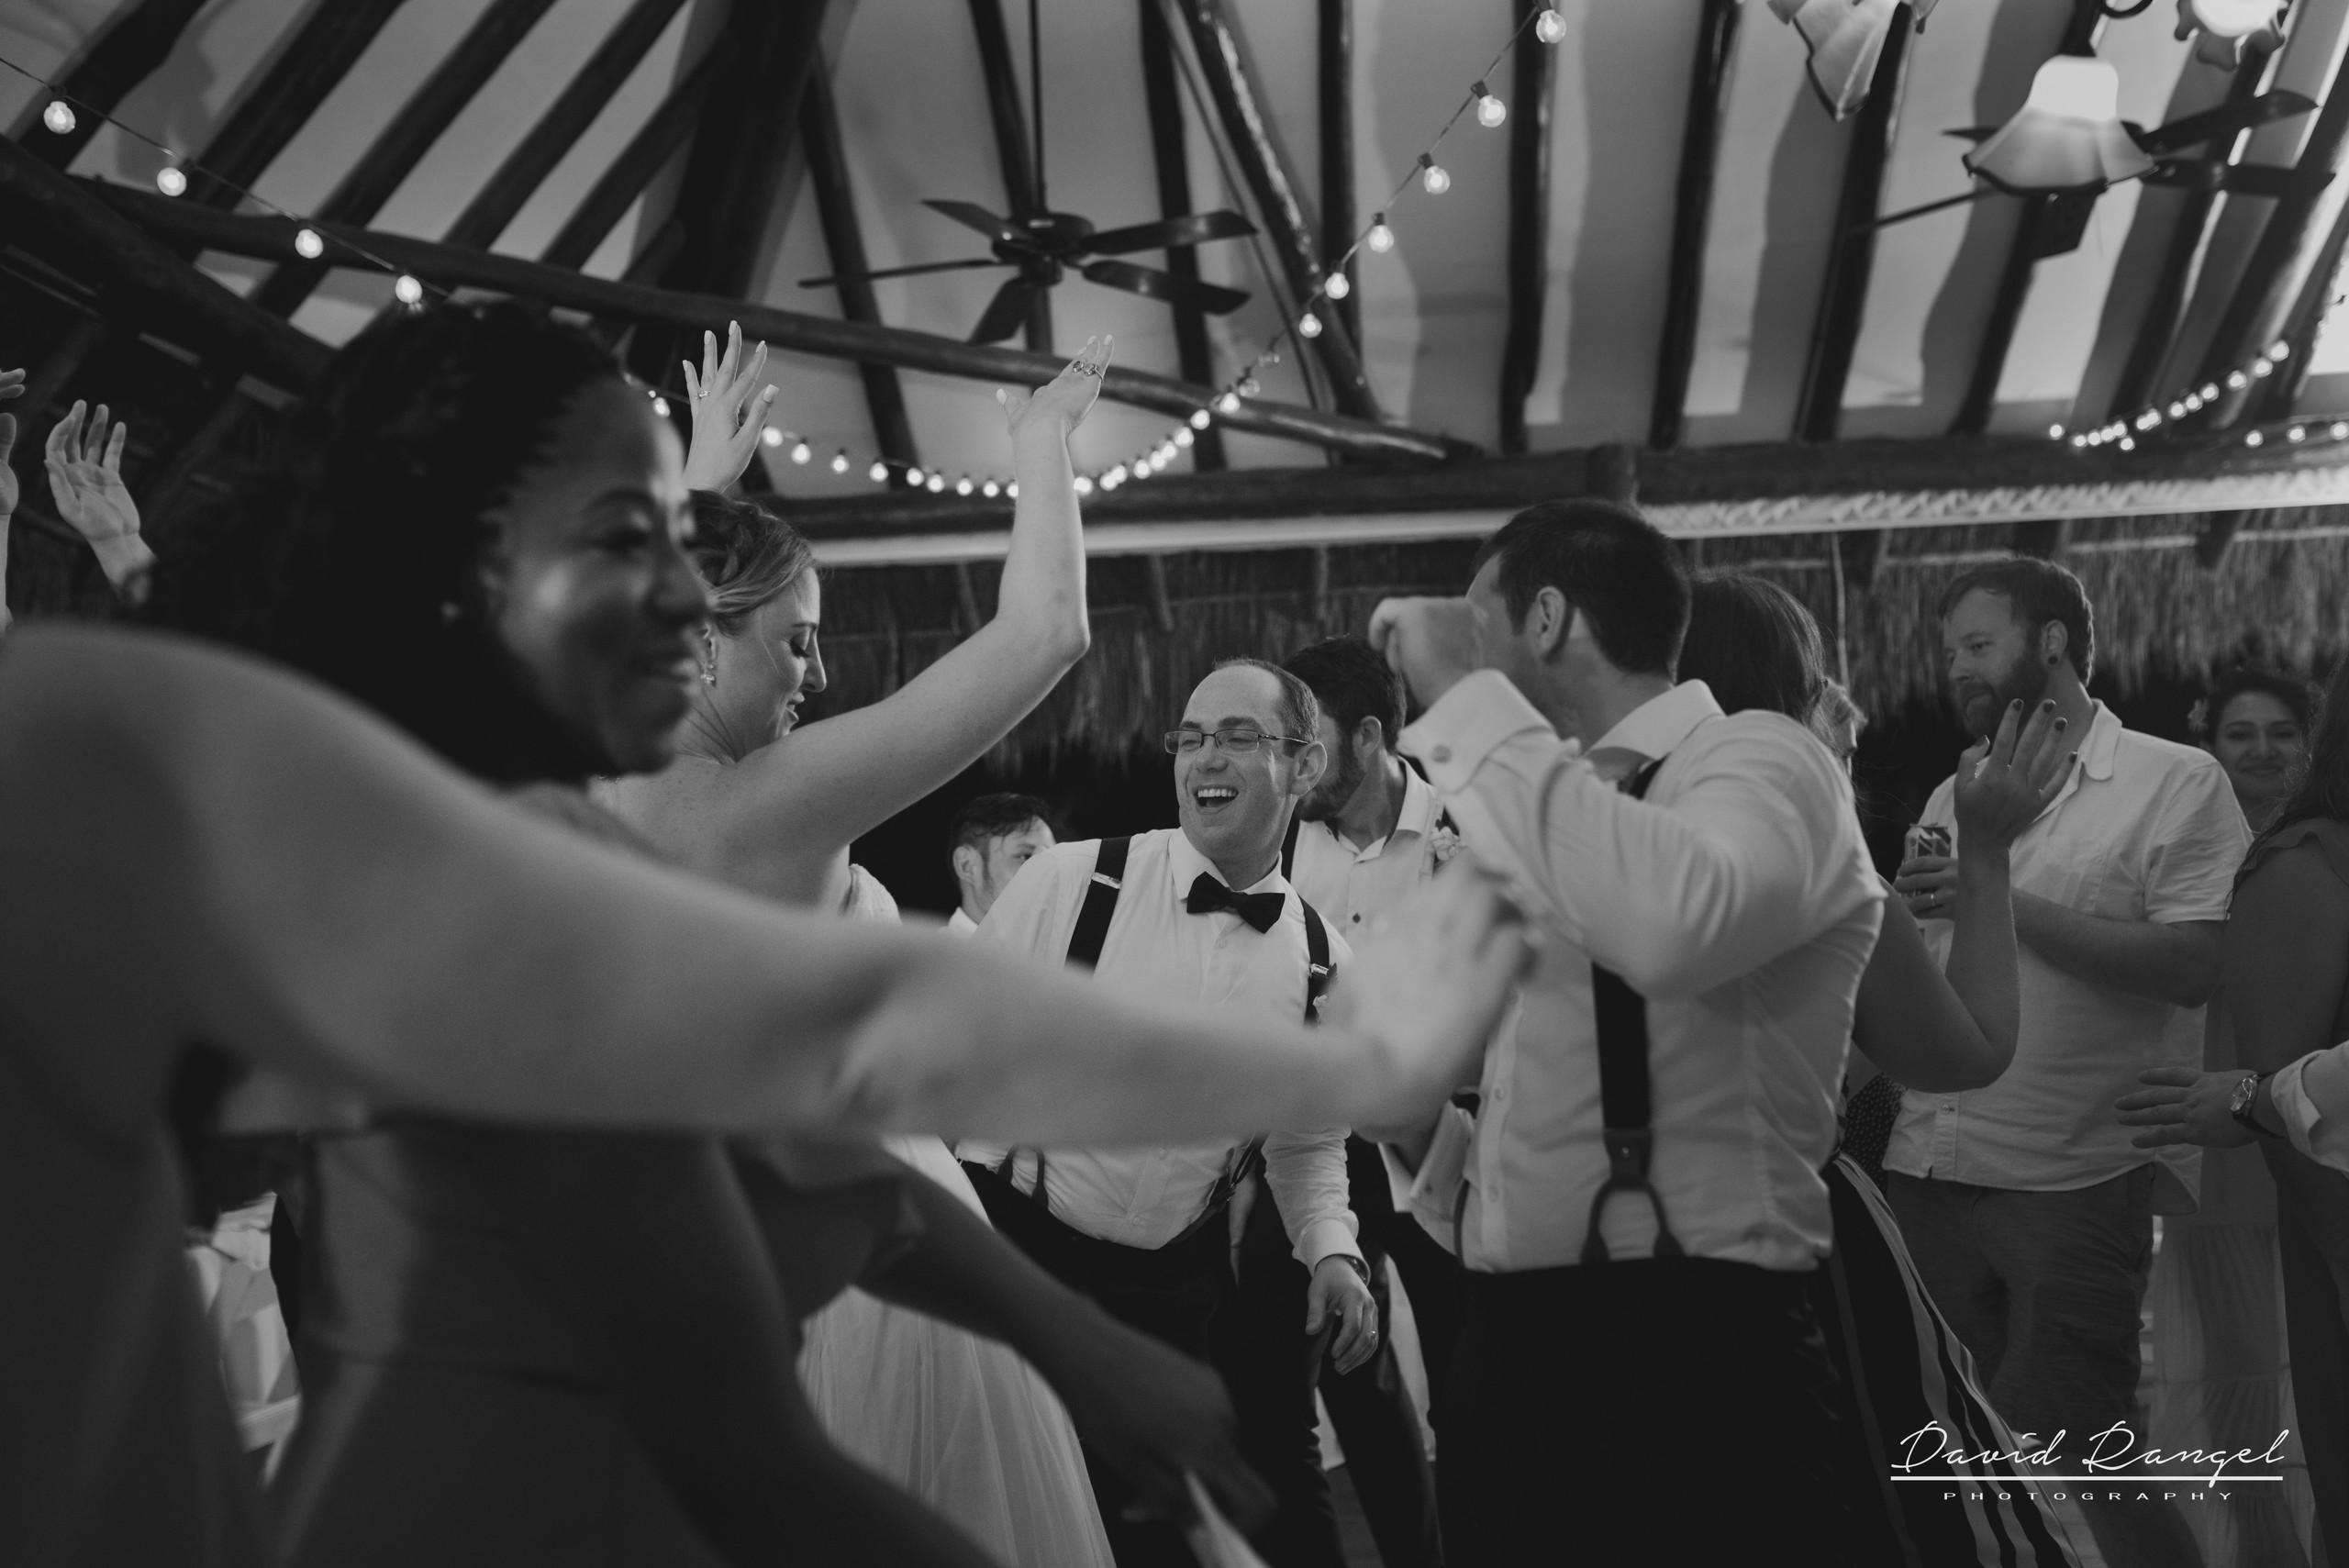 groom+bride+dance+bridesmaids+happy+funny+best+friends